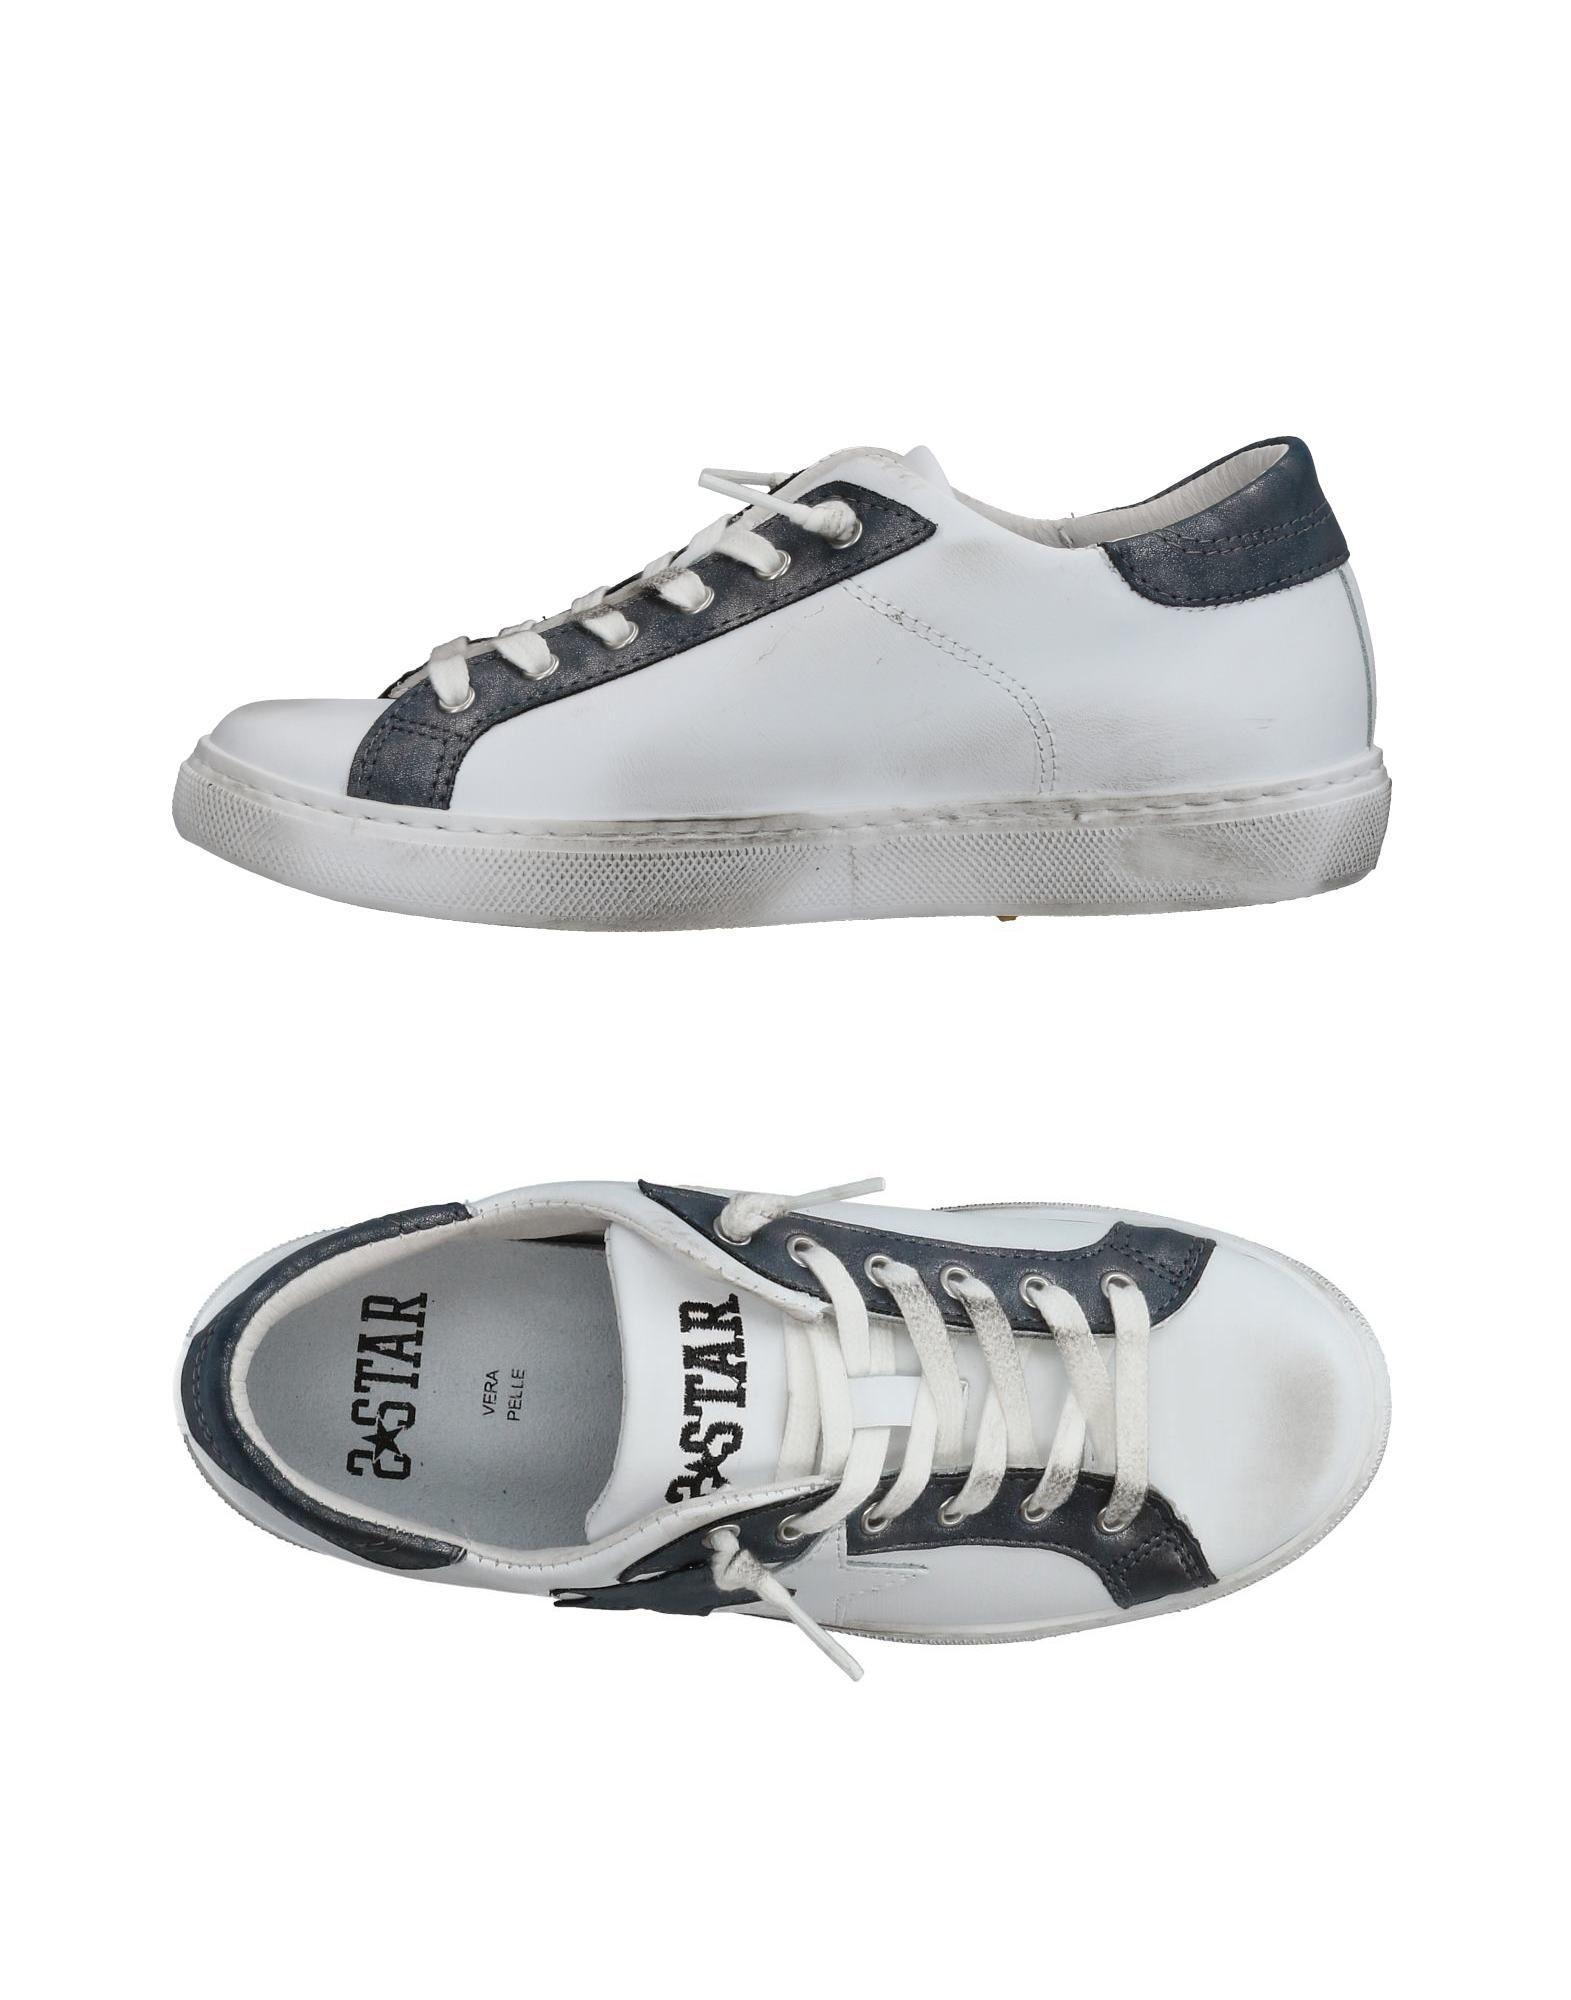 《送料無料》2STAR レディース スニーカー&テニスシューズ(ローカット) ホワイト 35 革 / 紡績繊維